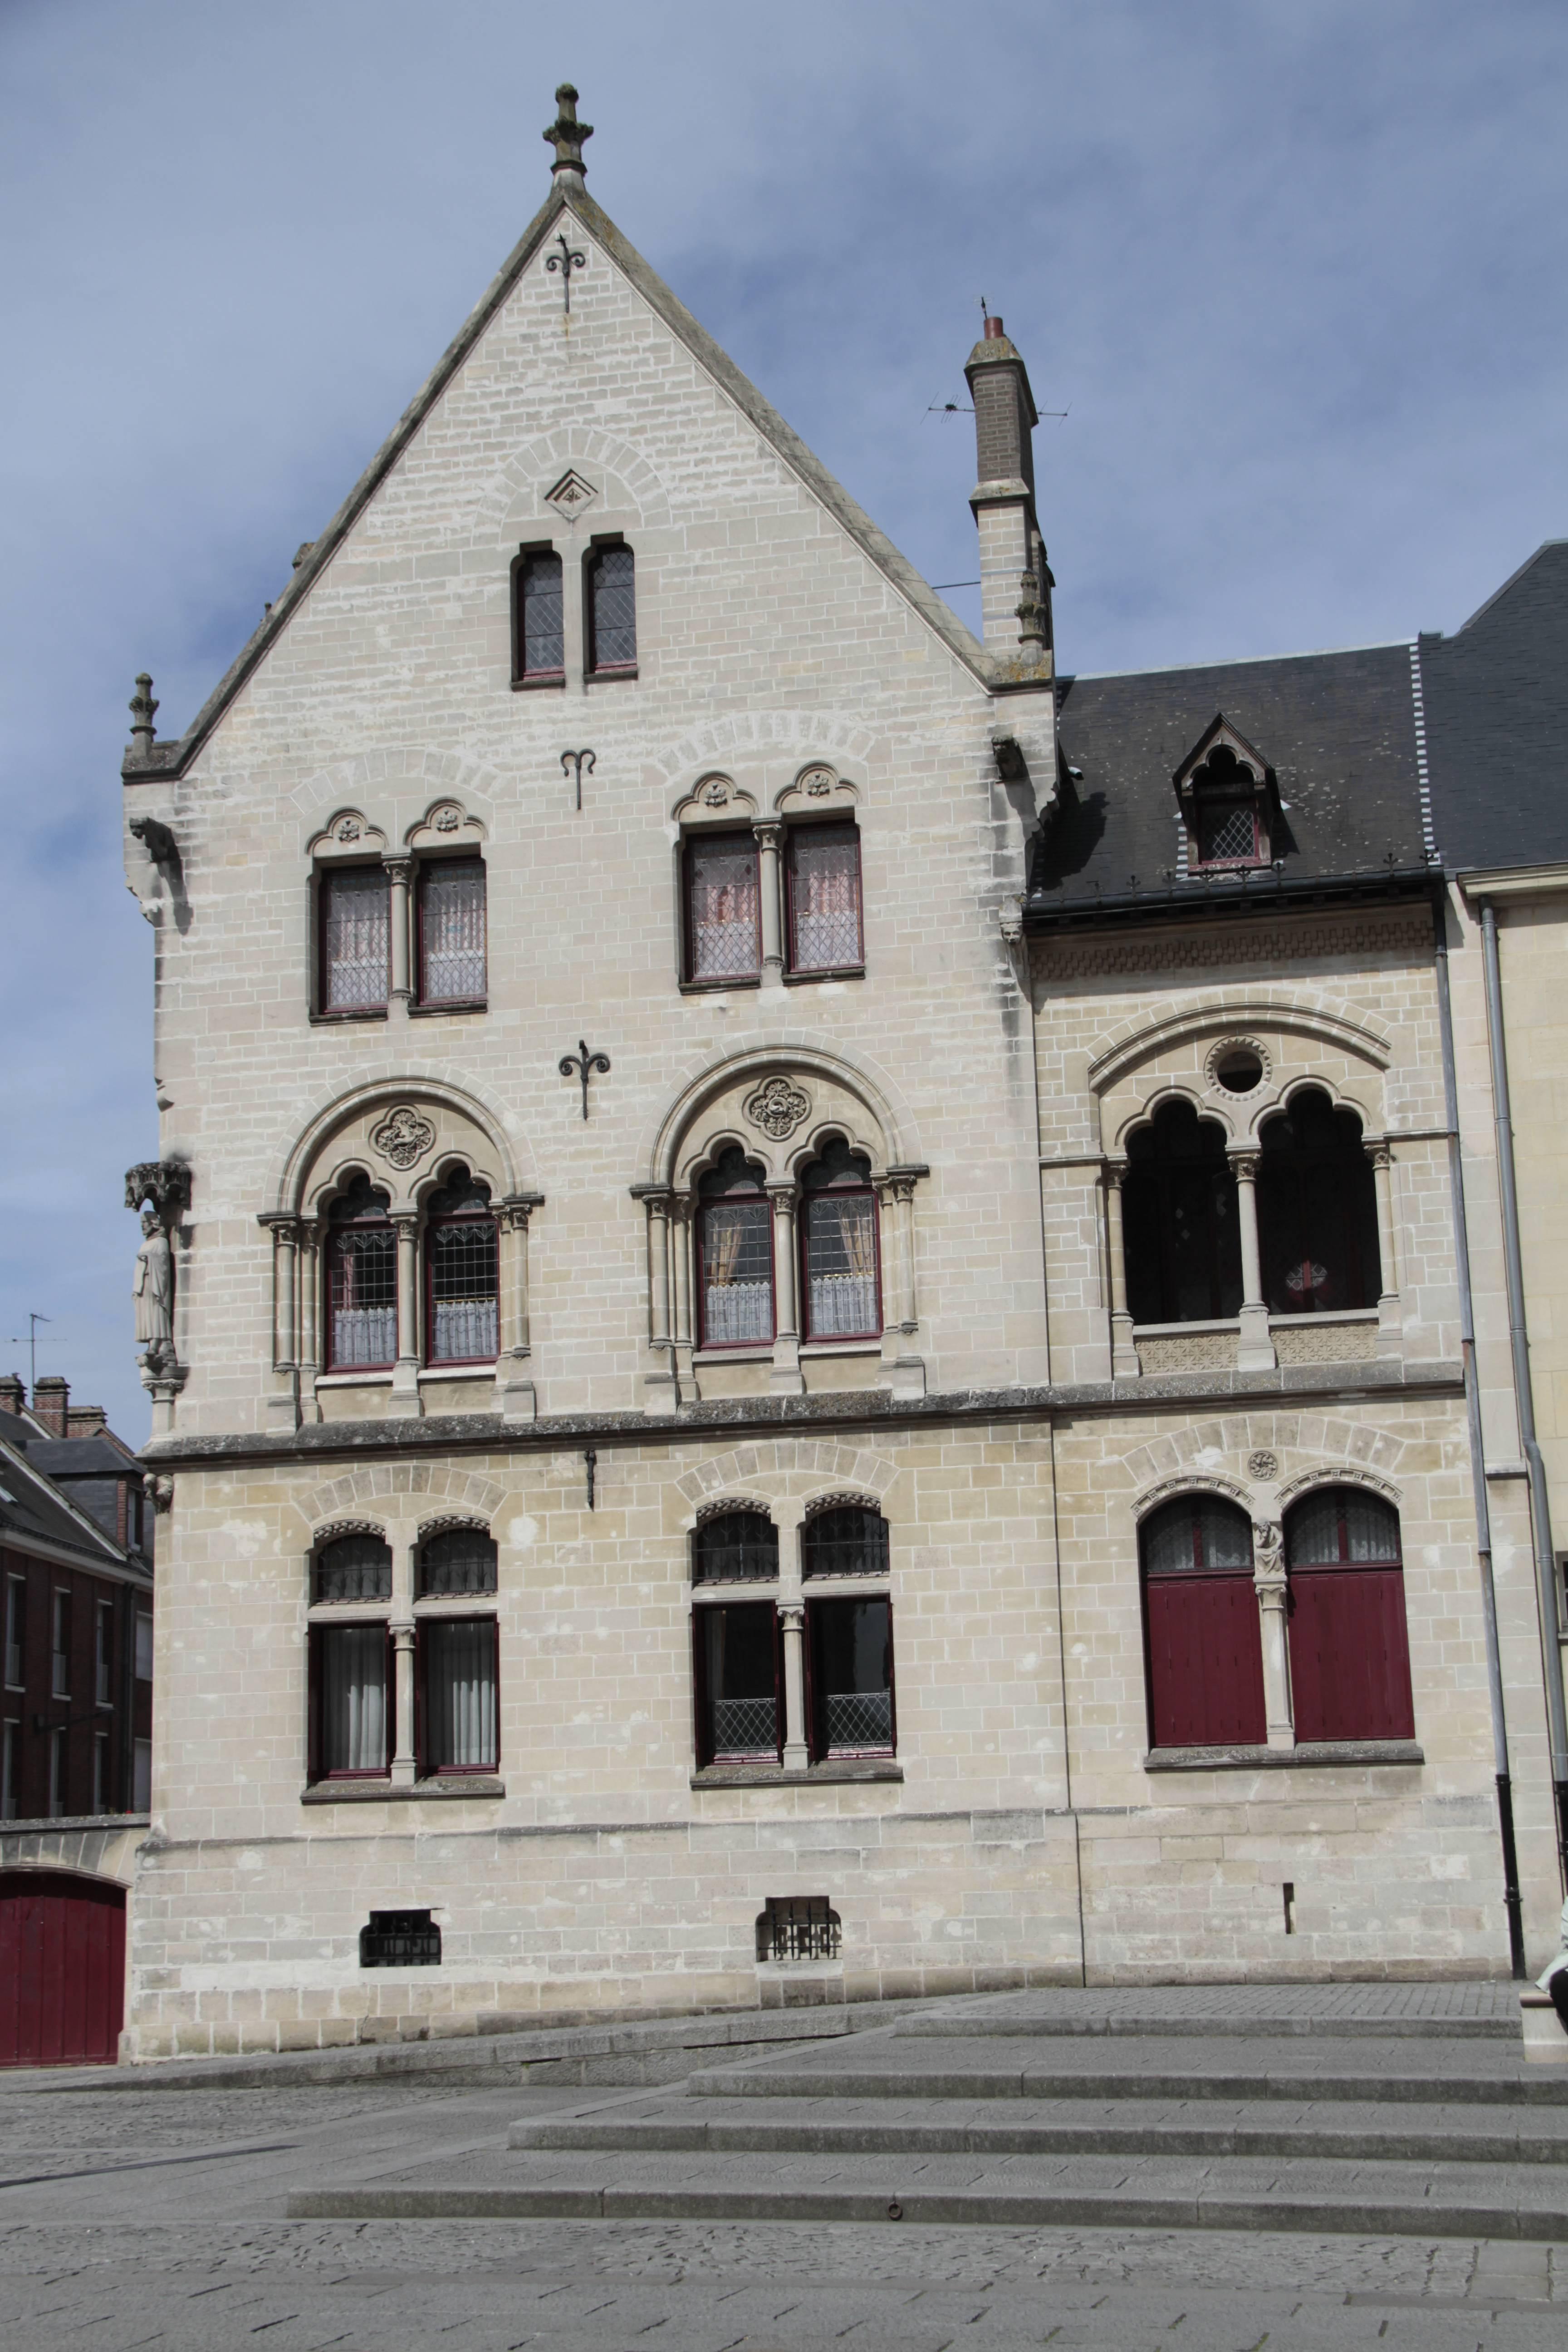 Baie de Somme mai 2015_0007 Amiens place Notre Dame